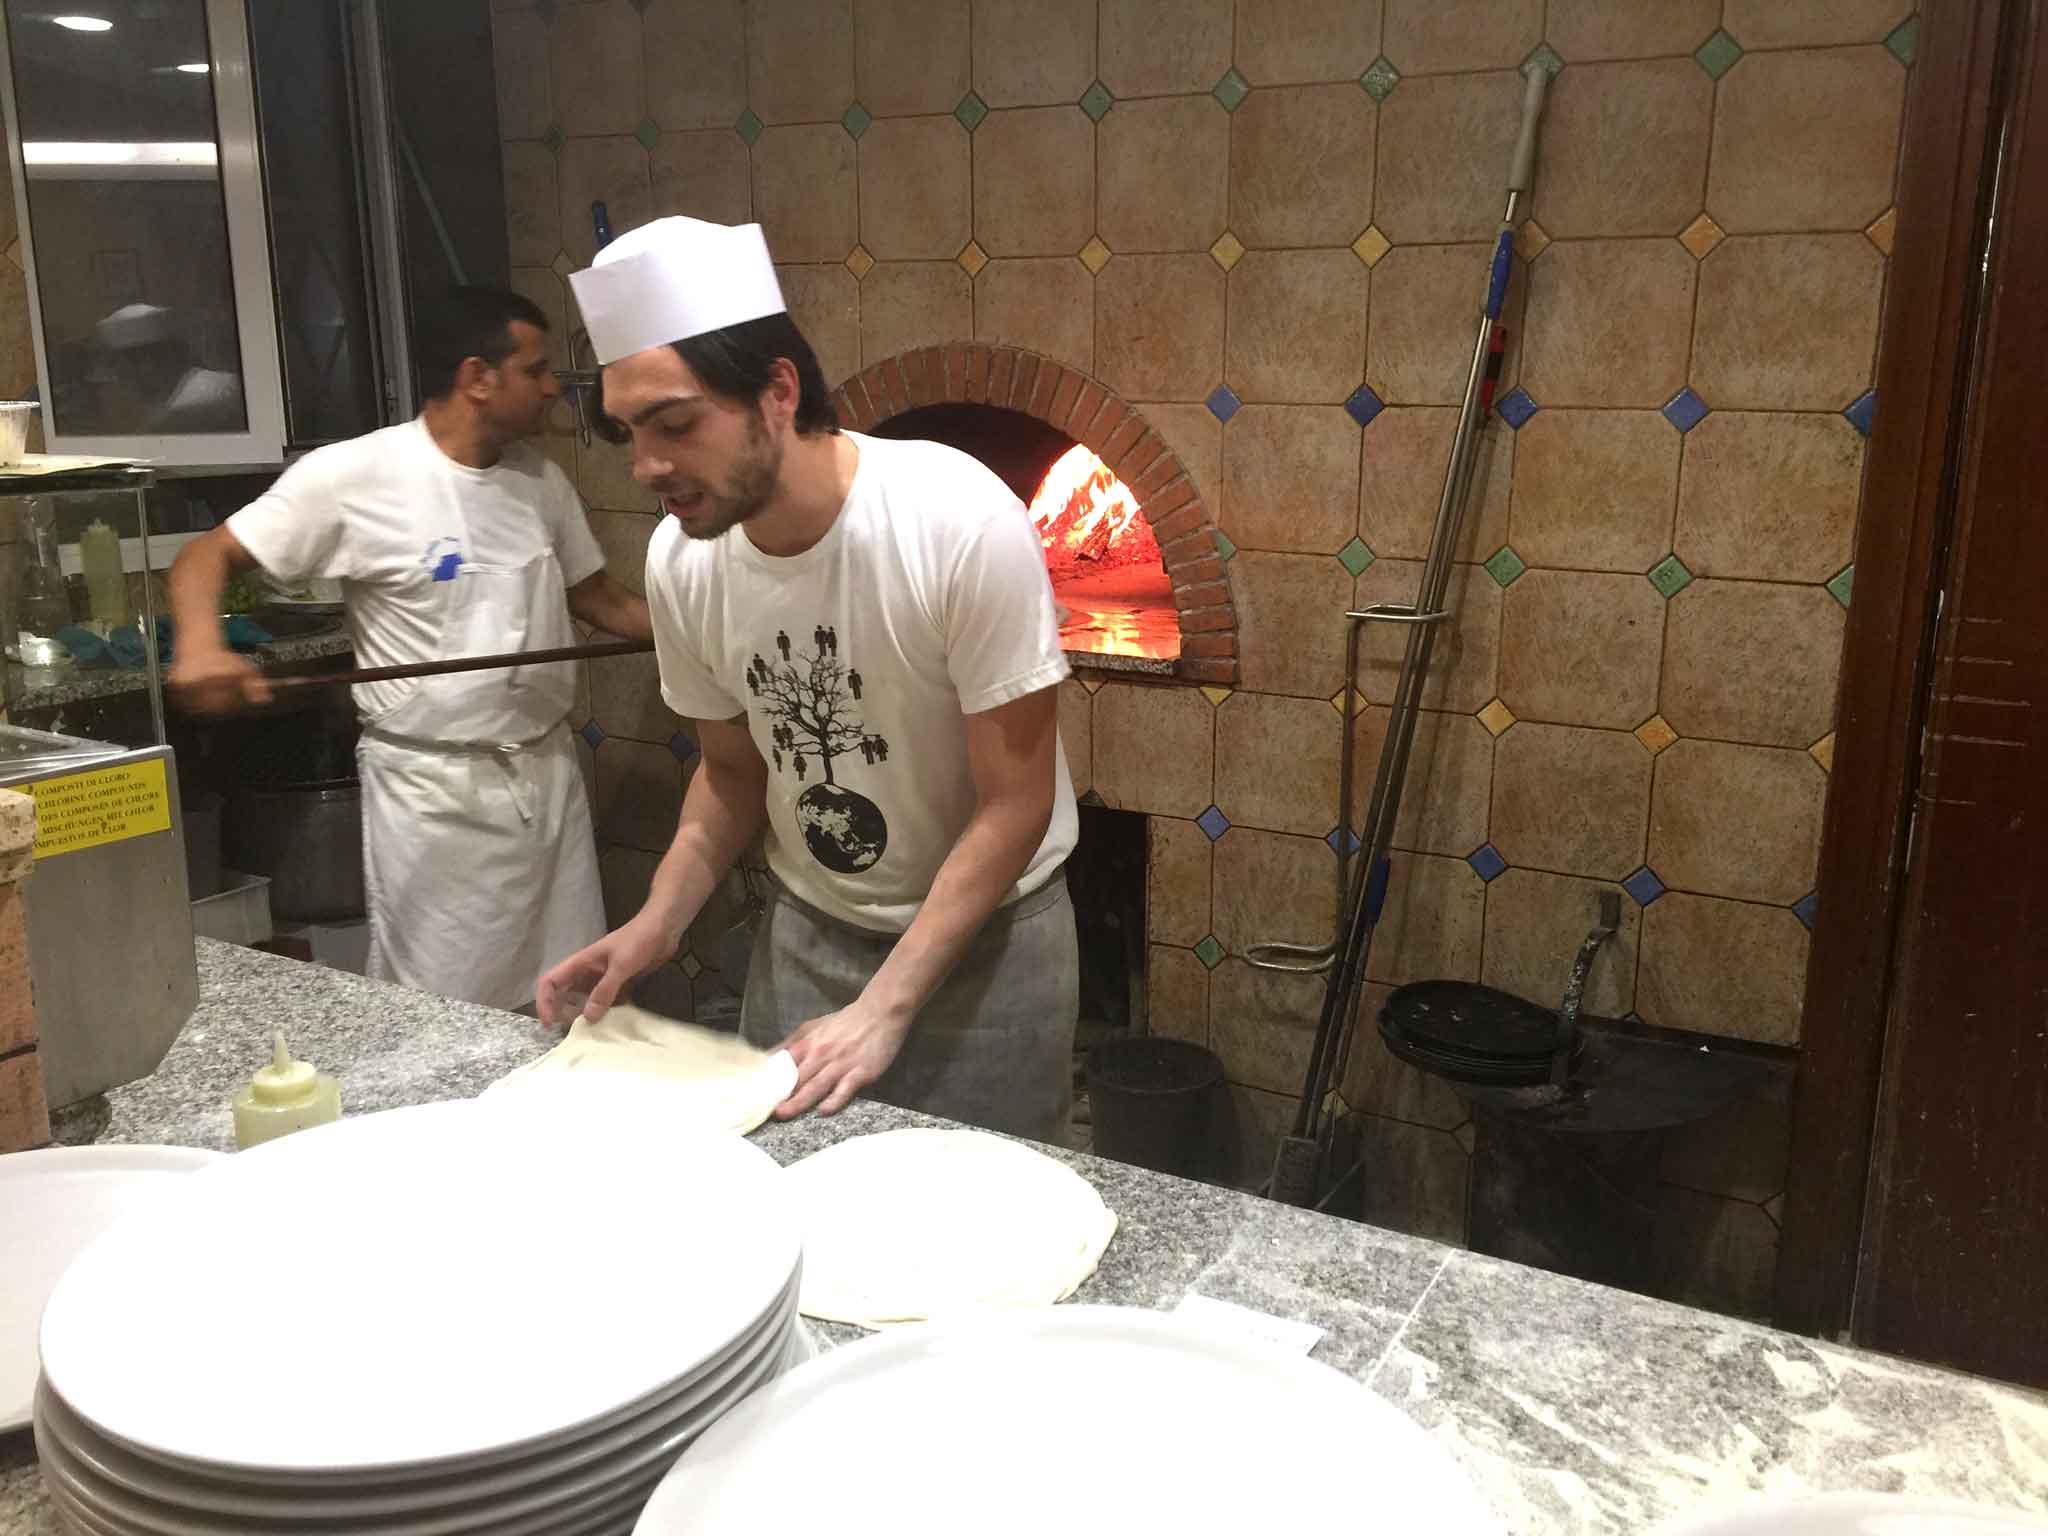 gatta-mangiona-pizzeria-elio-santosuosso